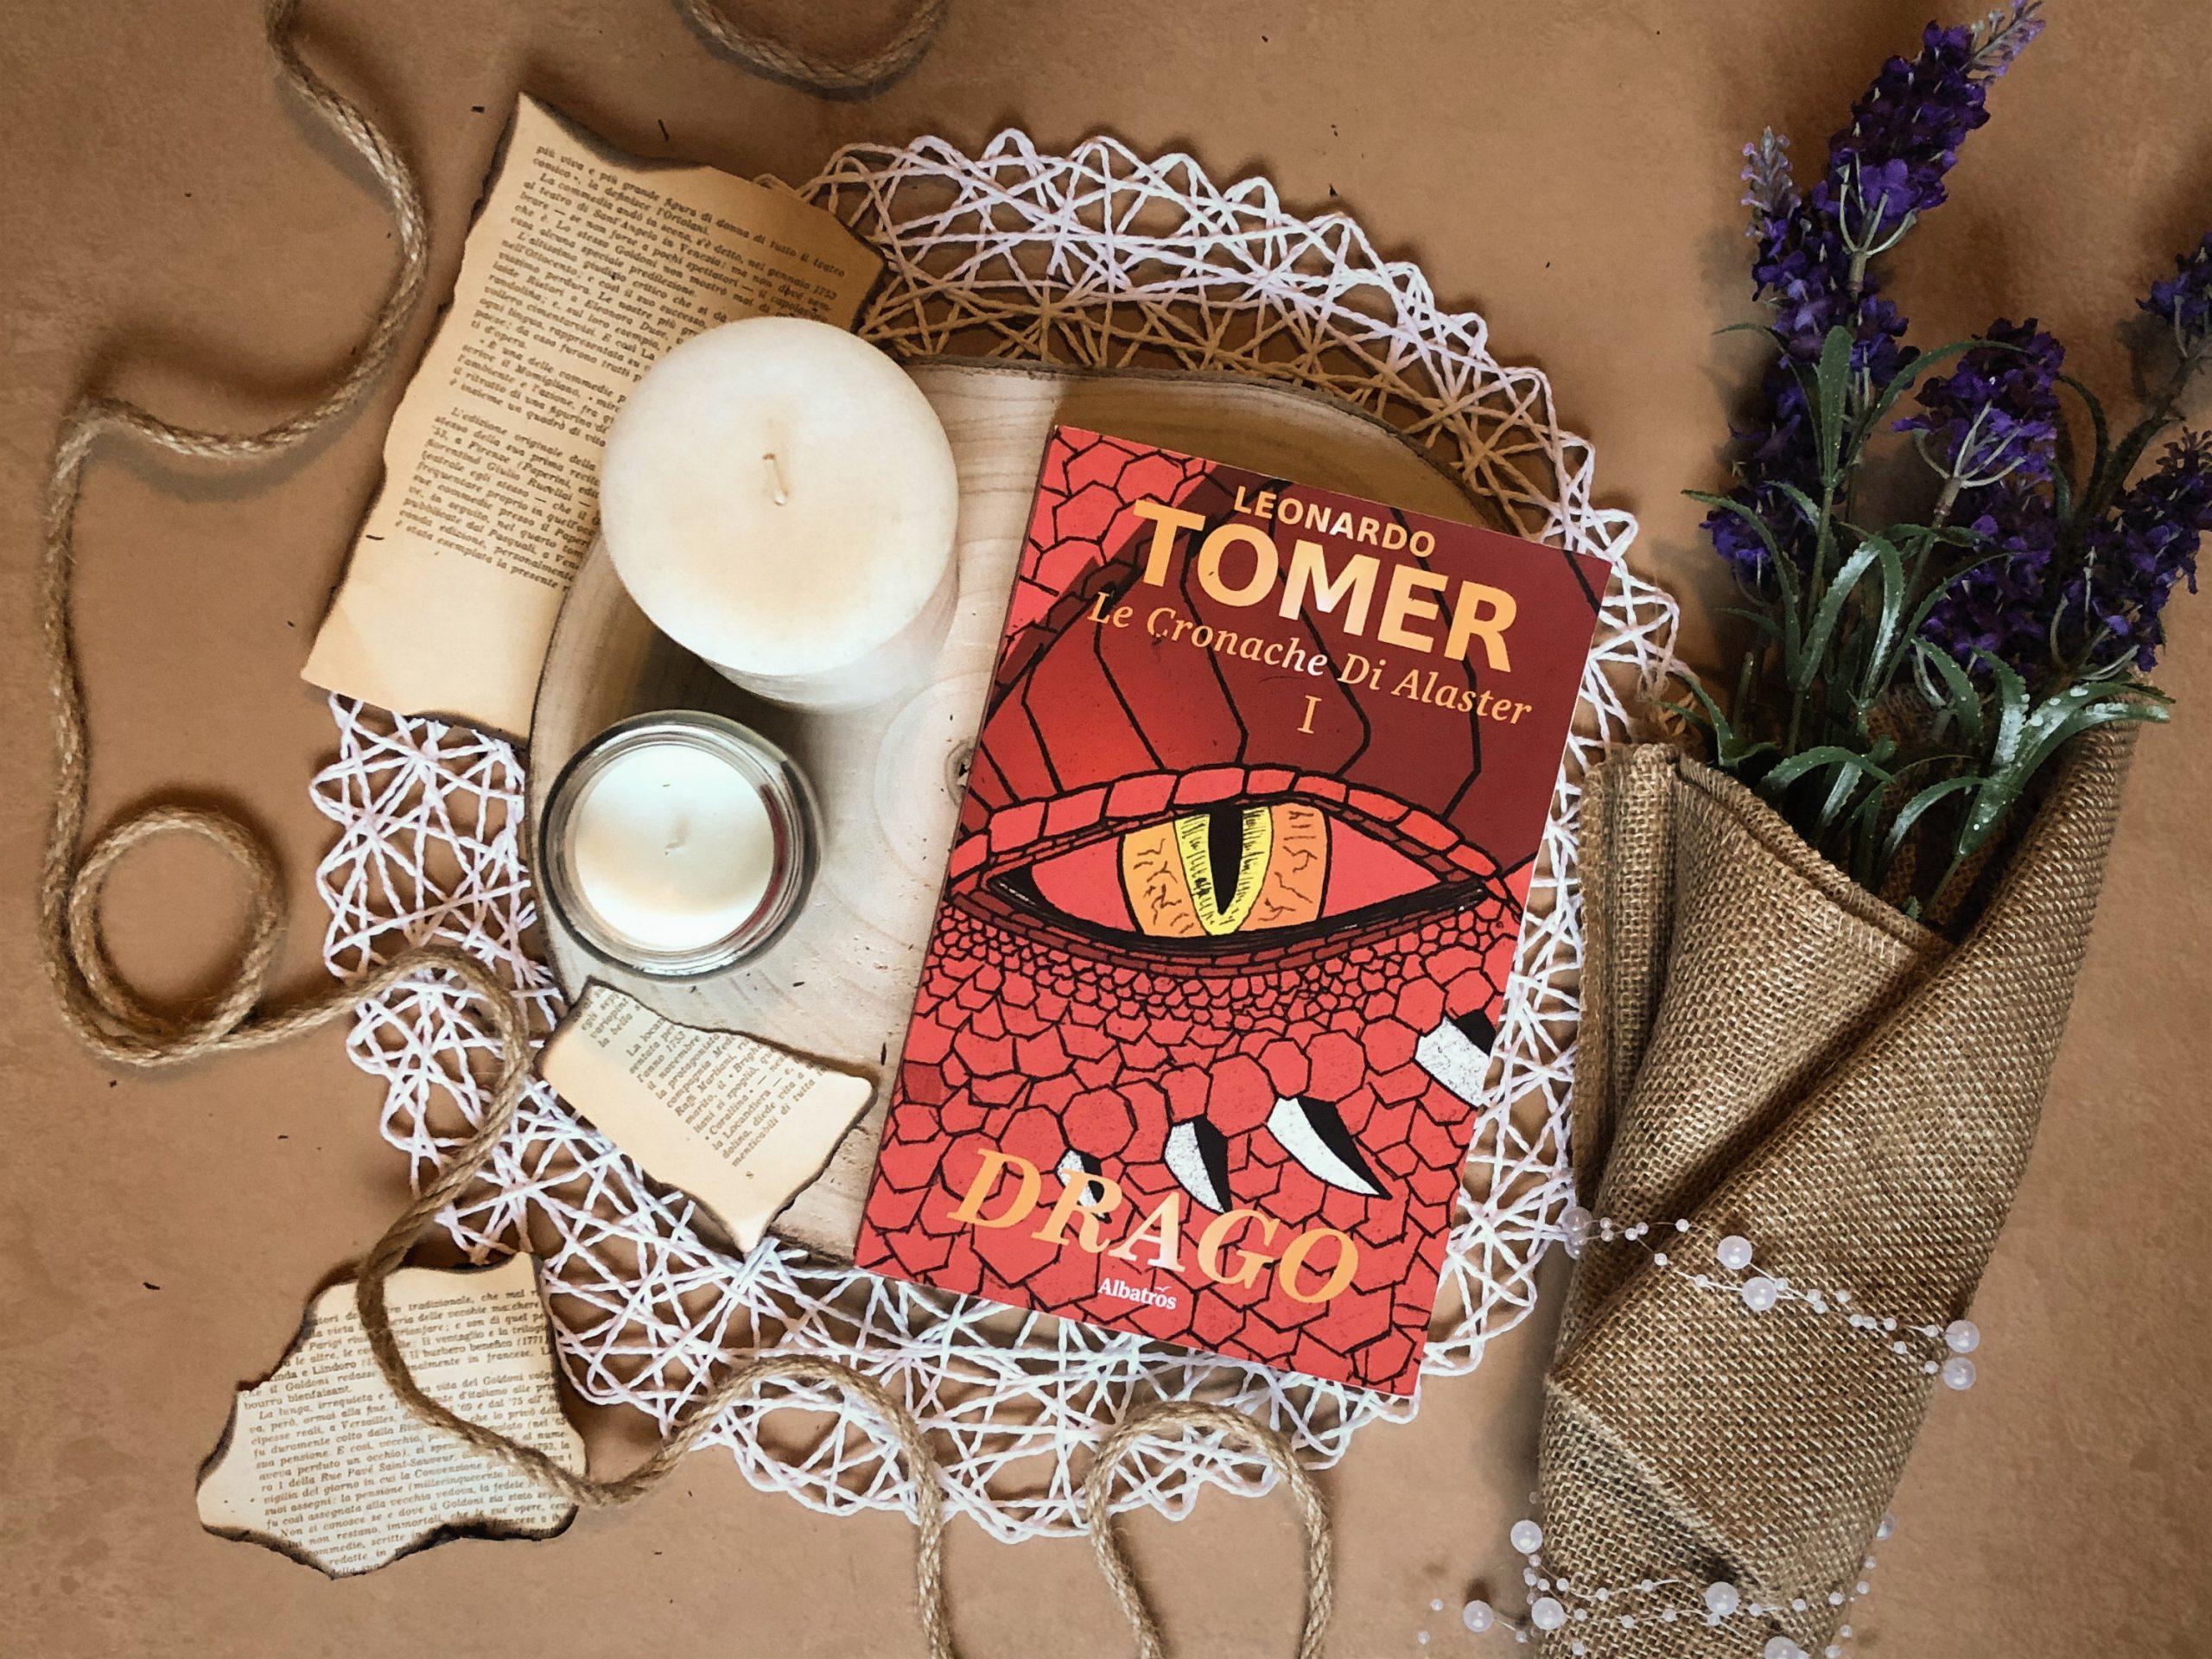 Le cronache di Alaster (vol. 1 Drago) – Leonardo Tomer